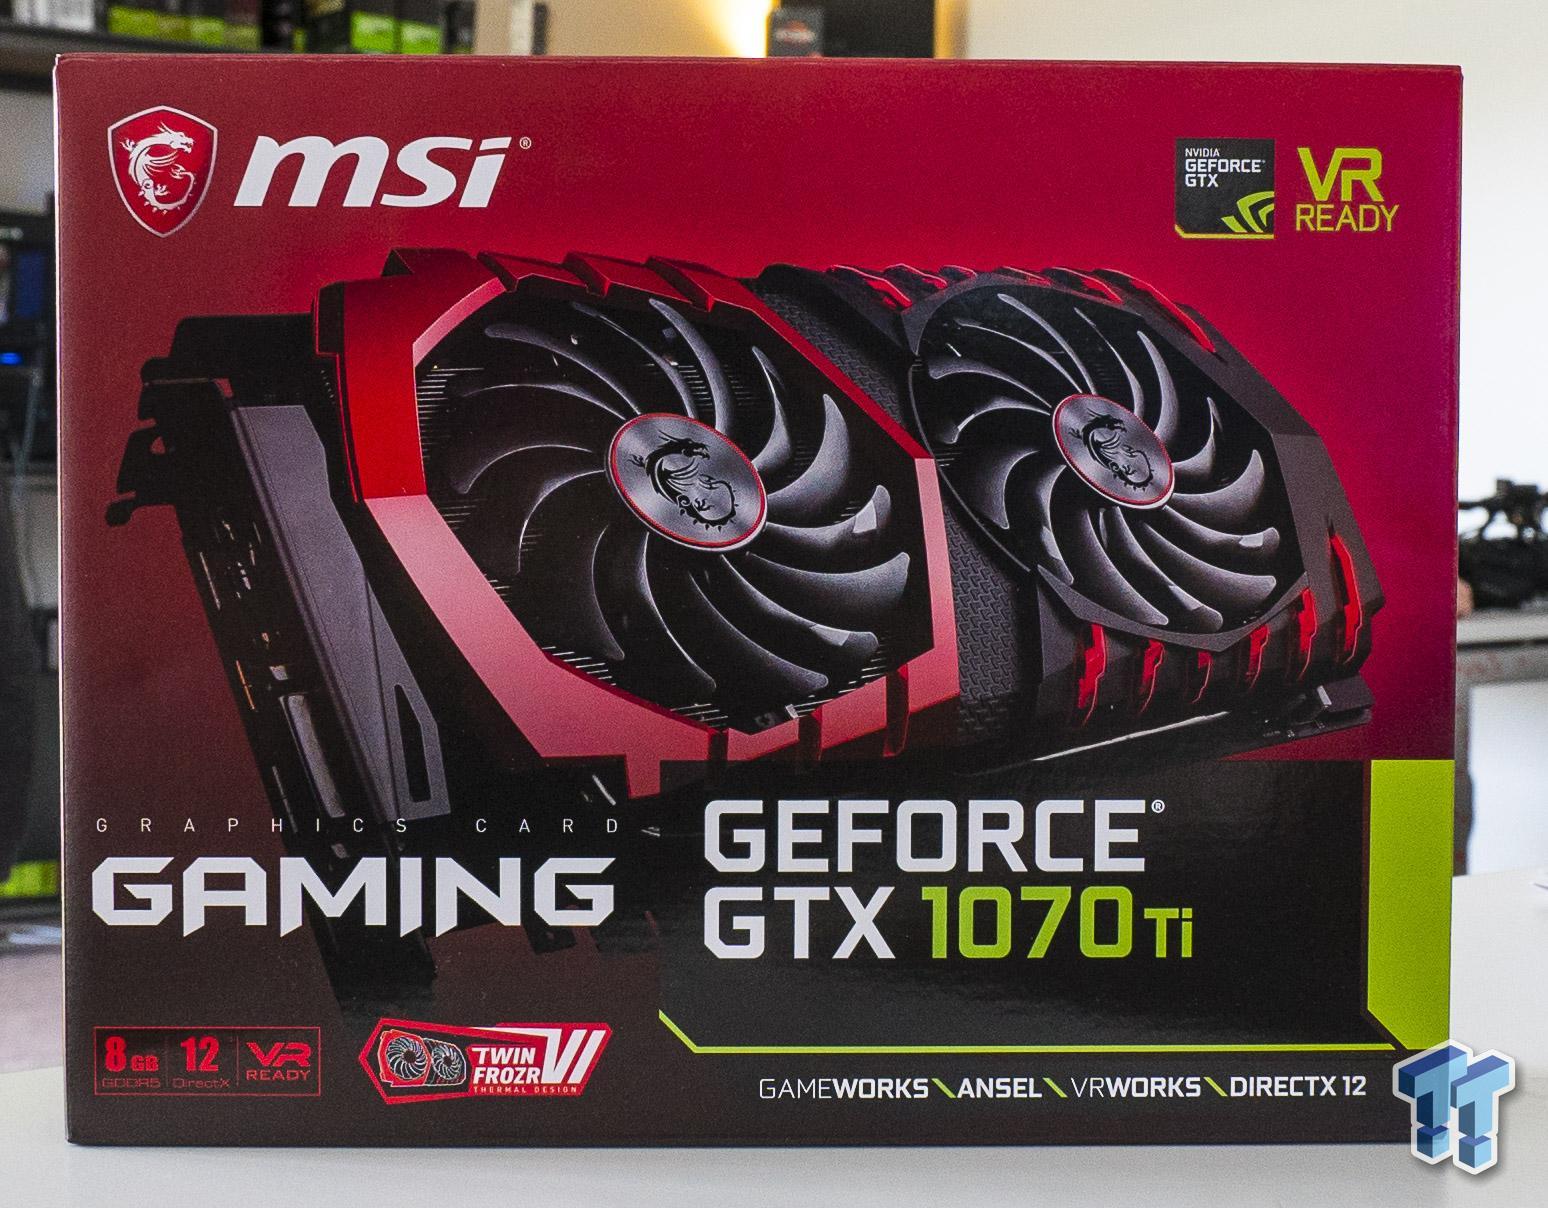 MSI's new GeForce GTX 1070 Ti Titanium + Gaming: Unboxed